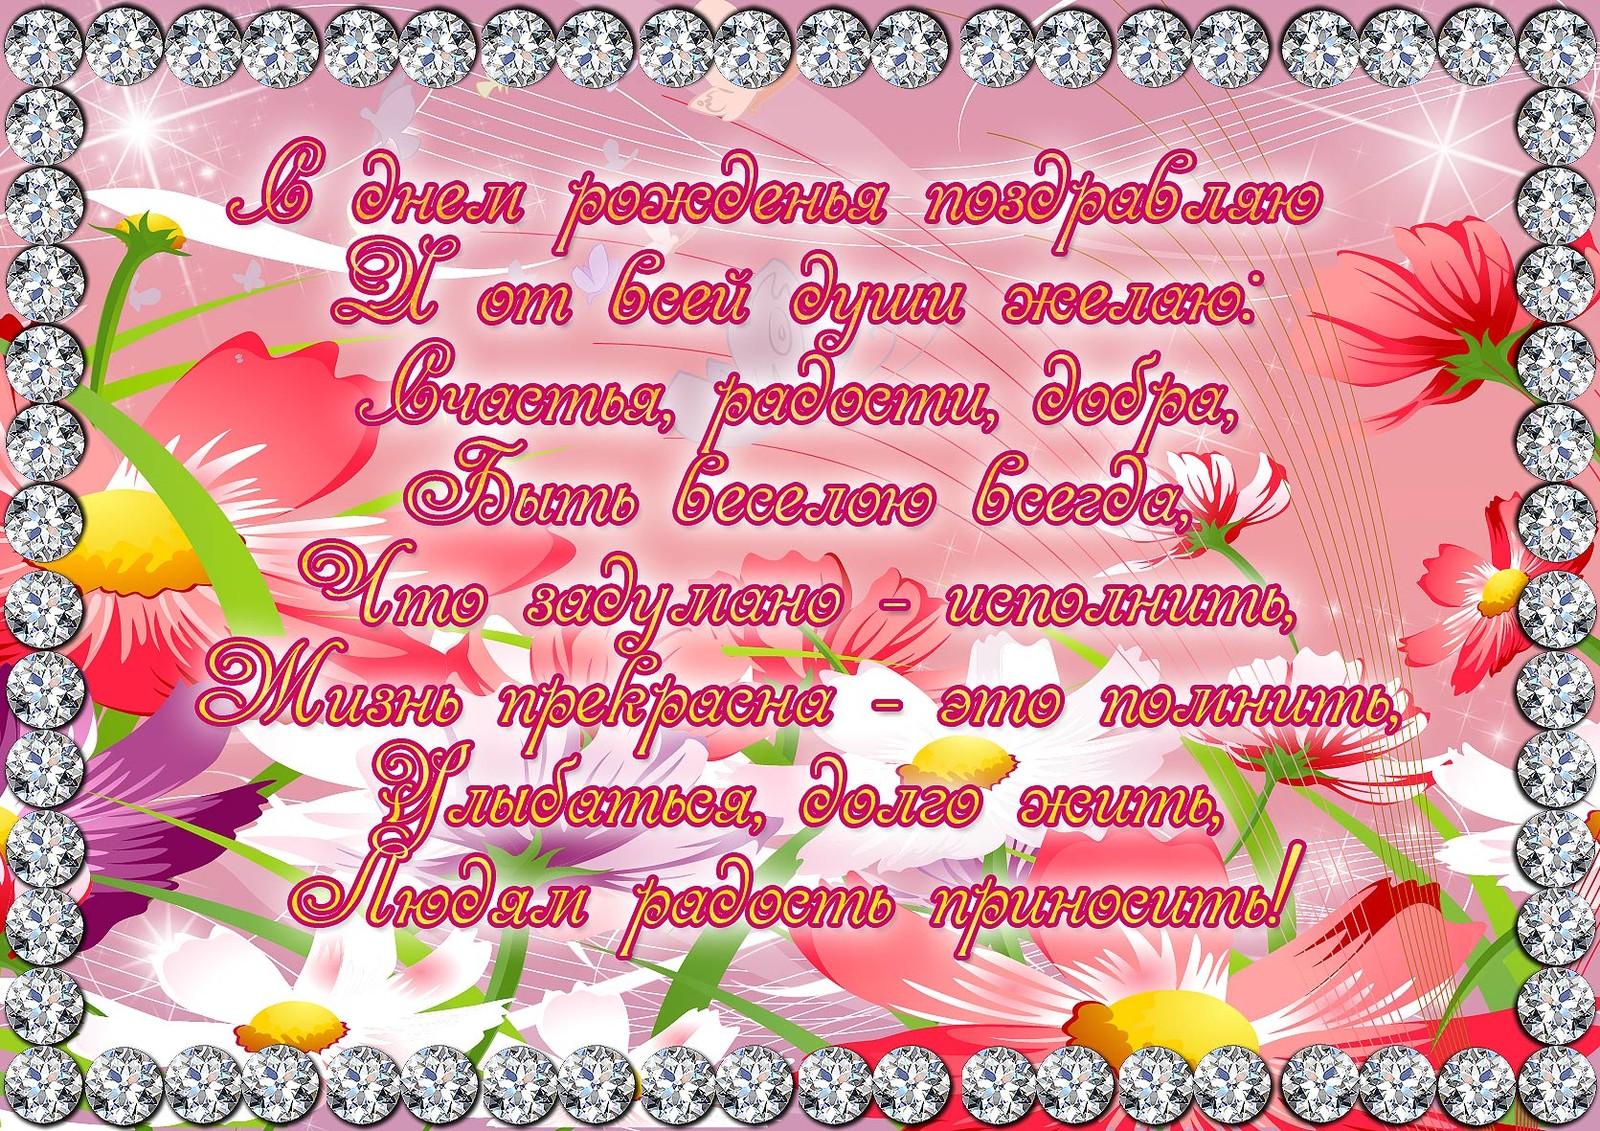 Поздравления с днём рождения организации в стихах фото 951